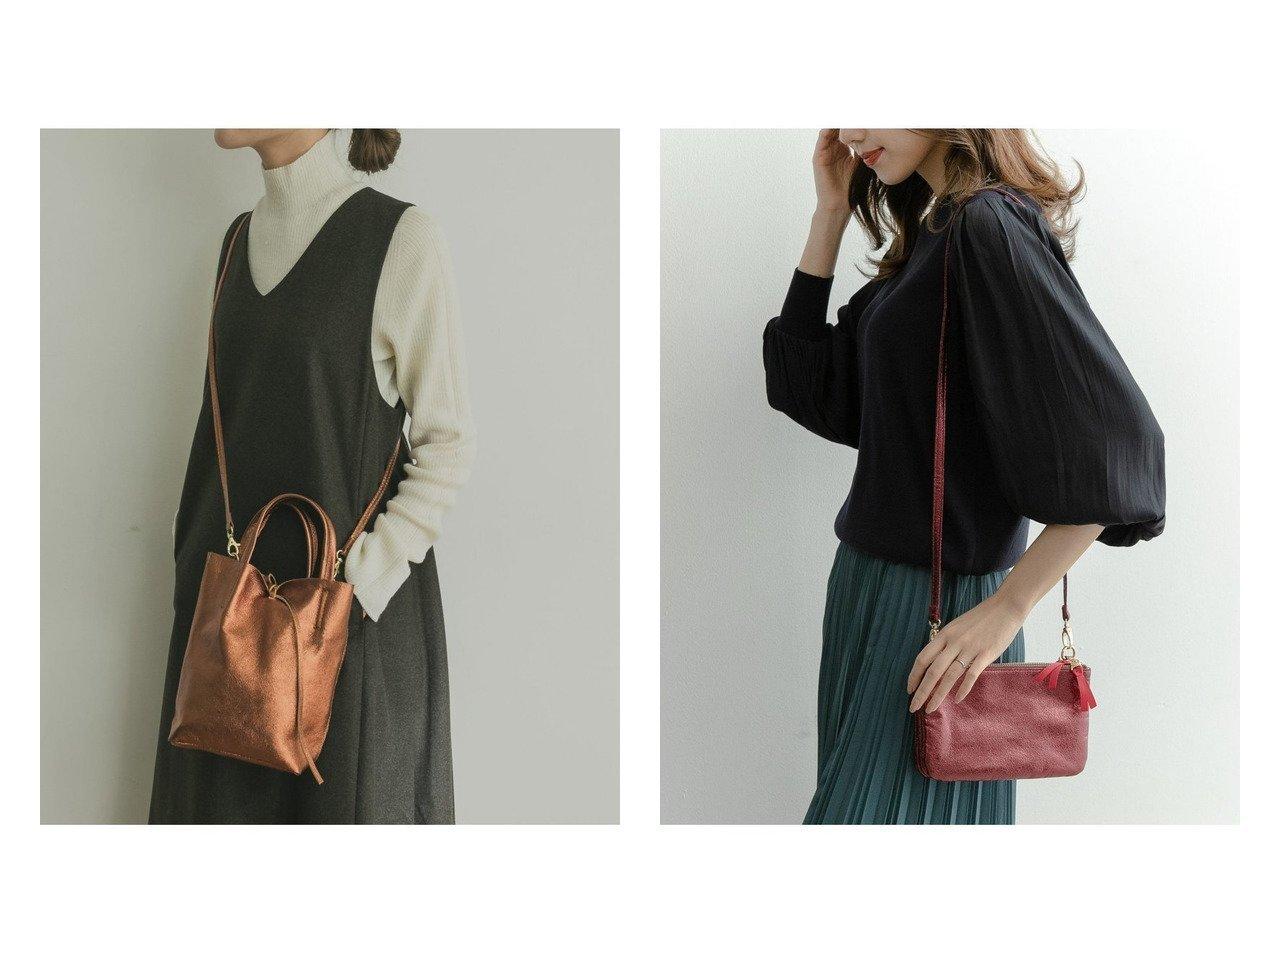 【URBAN RESEARCH/アーバンリサーチ】のAULENTTI LEATHER M TOTE&【RODE SKO/ロデスコ】のMAISA グリッターショルダーバッグ バッグ・鞄のおすすめ!人気、トレンド・レディースファッションの通販  おすすめで人気の流行・トレンド、ファッションの通販商品 メンズファッション・キッズファッション・インテリア・家具・レディースファッション・服の通販 founy(ファニー) https://founy.com/ ファッション Fashion レディースファッション WOMEN バッグ Bag イタリア NEW・新作・新着・新入荷 New Arrivals グリッター コンパクト ポケット |ID:crp329100000009896